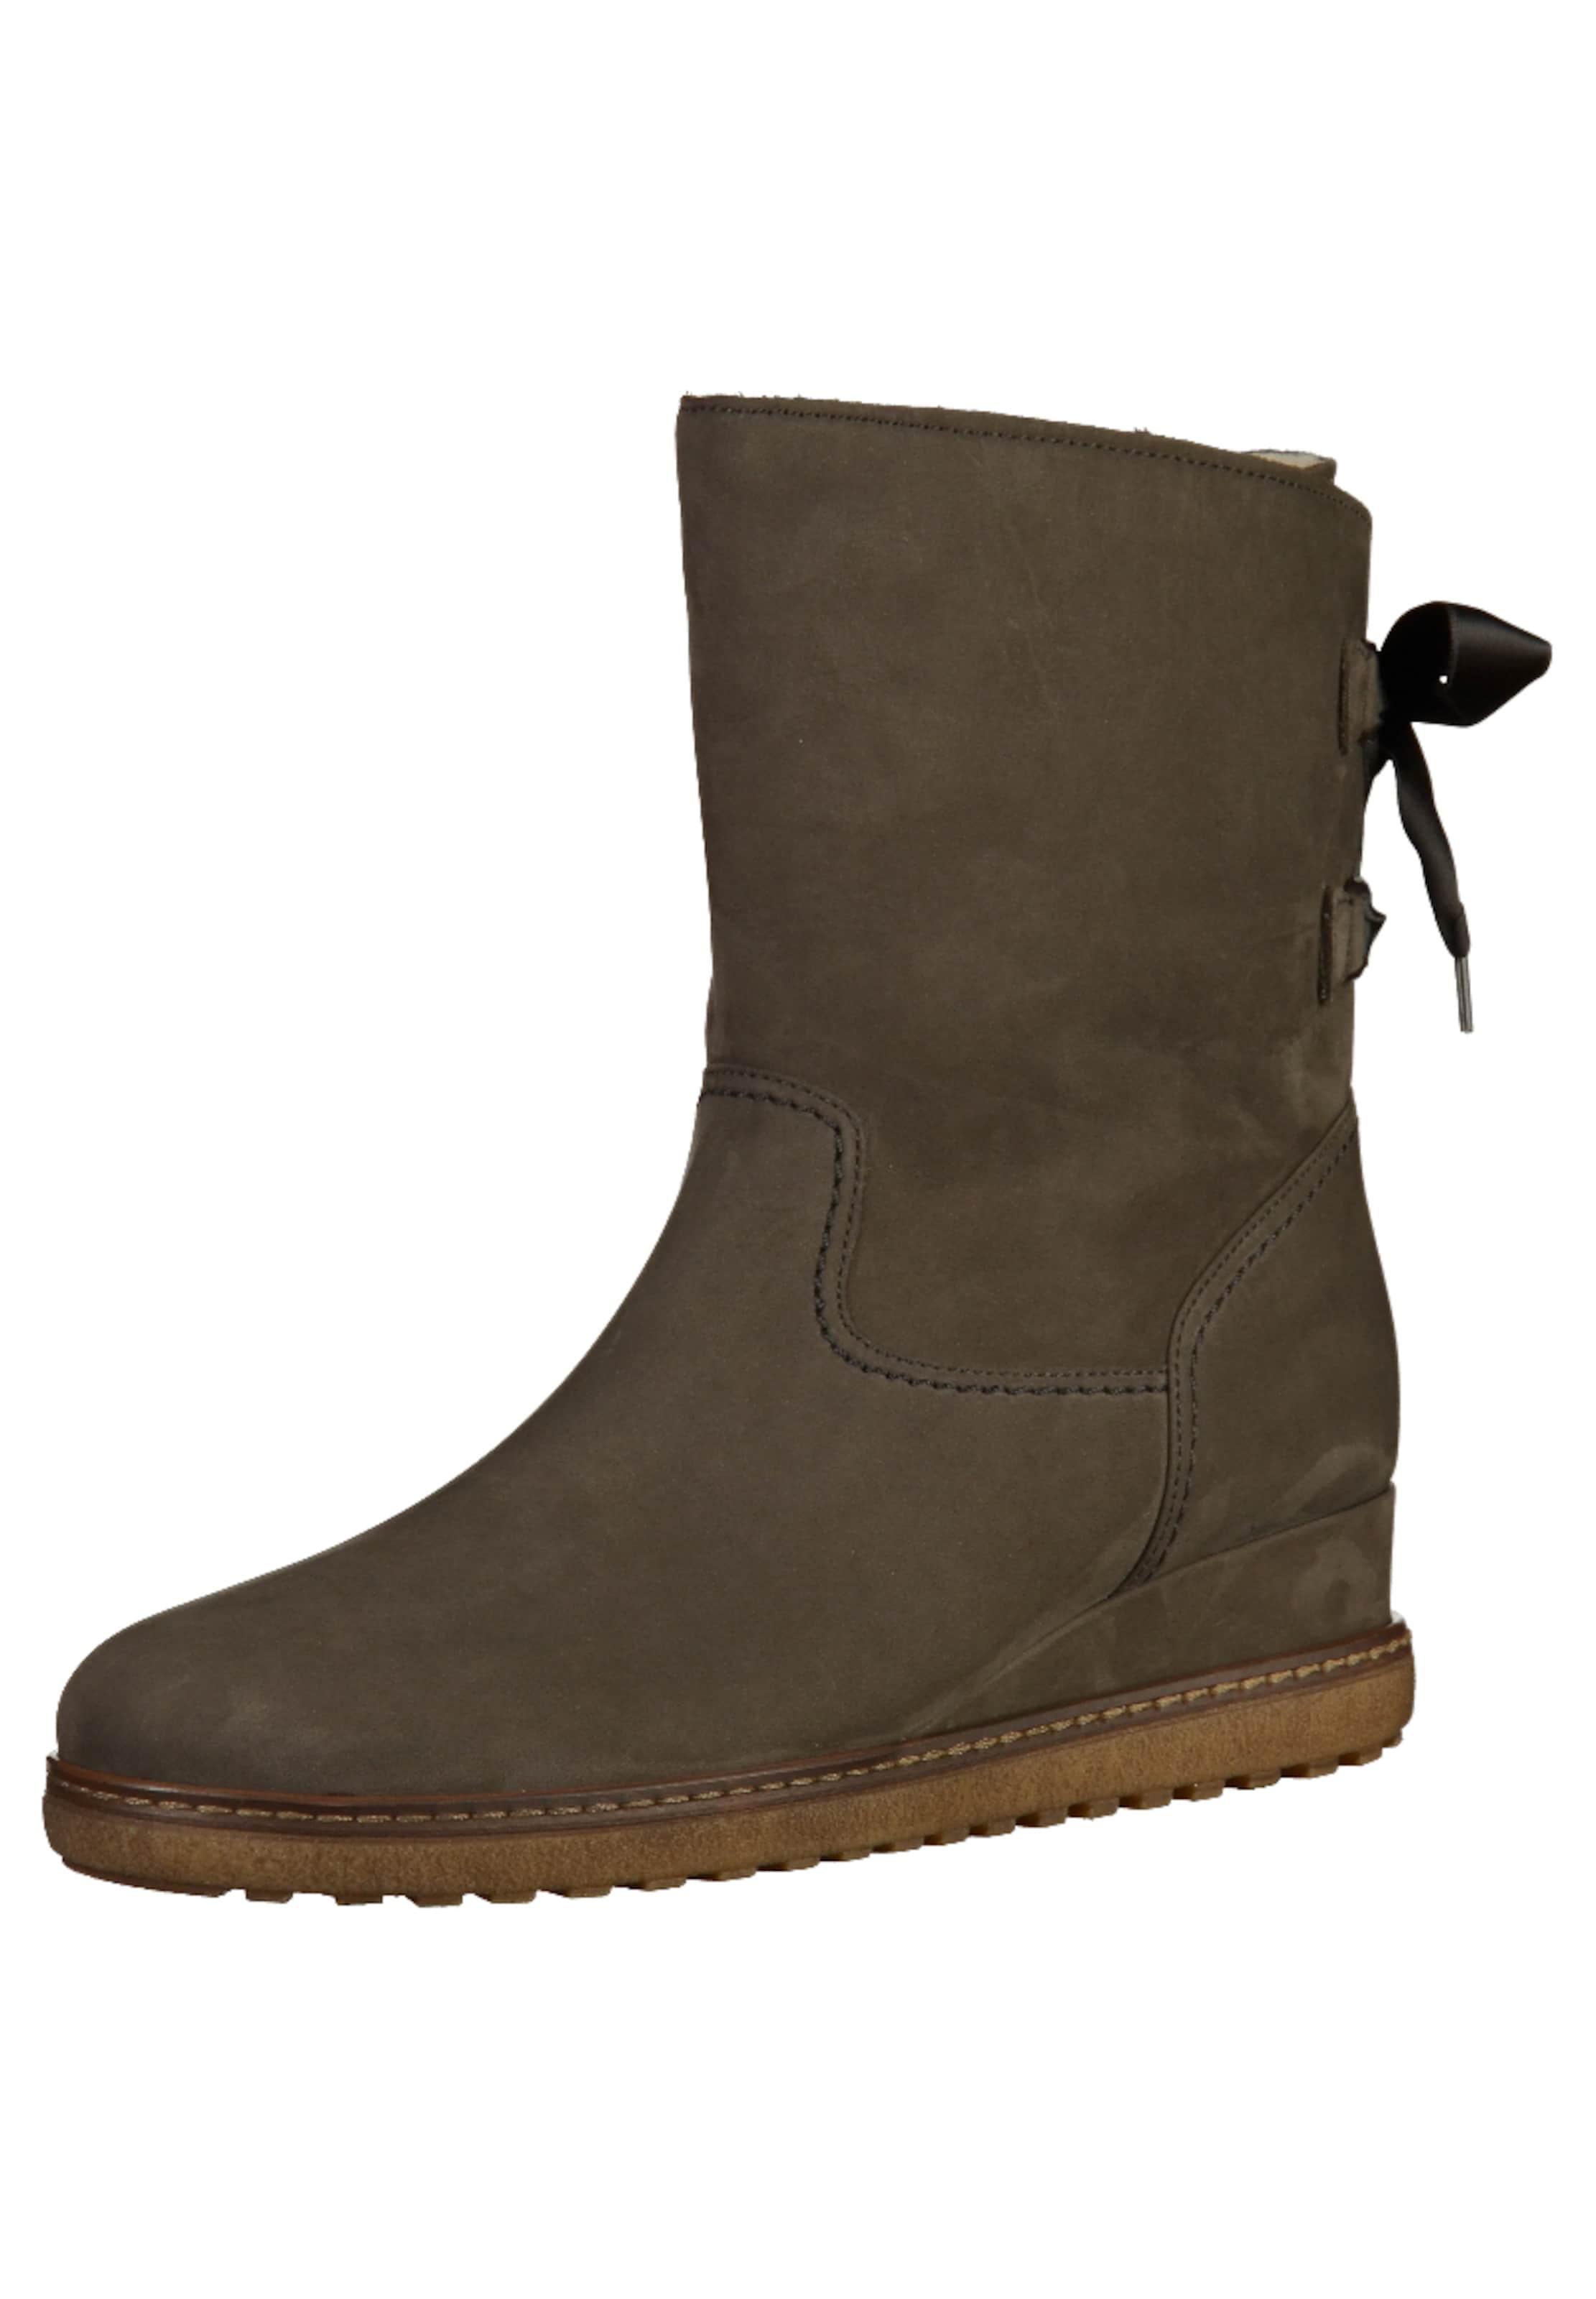 1b0669ed3368b9 GABOR Stiefelette Verschleißfeste billige Schuhe Hohe Qualität ...